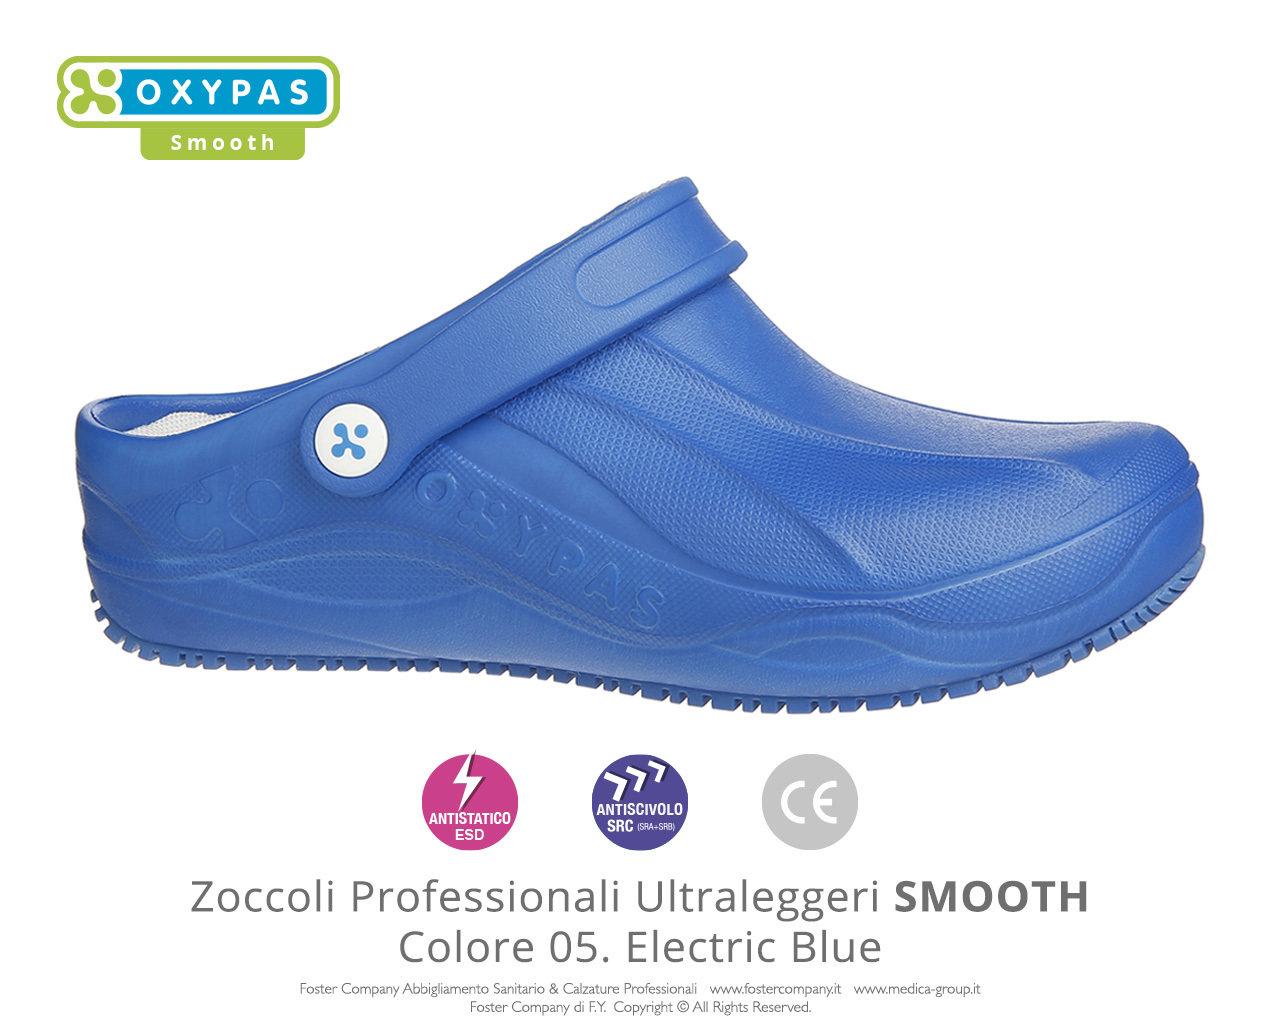 190bdf0e914ce Zoccoli Professionali Sanitari Scarpe da Lavoro SMOOTH